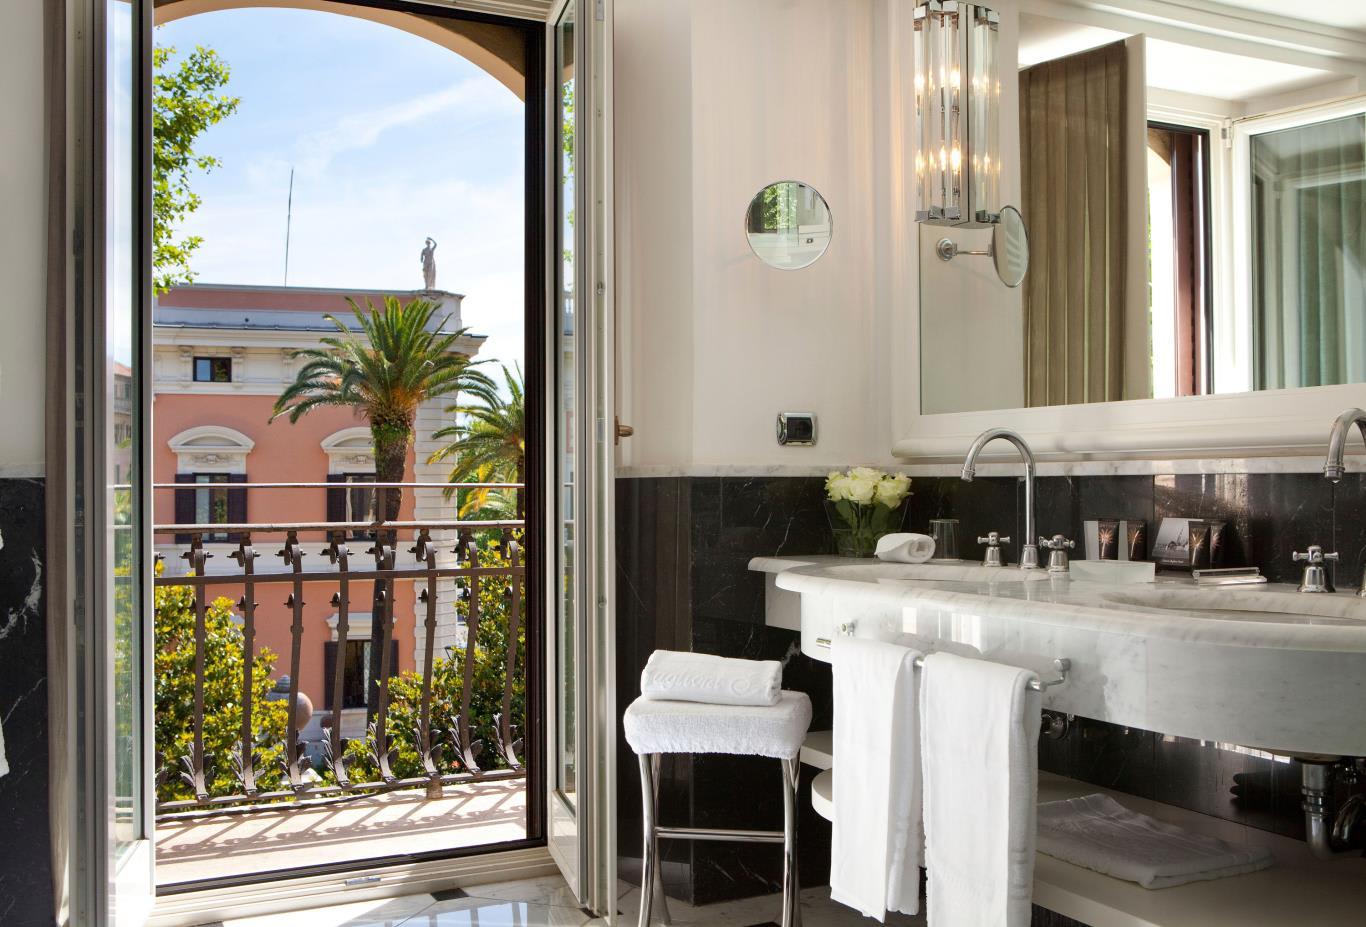 Grand-Deluxe-Room-bathroom